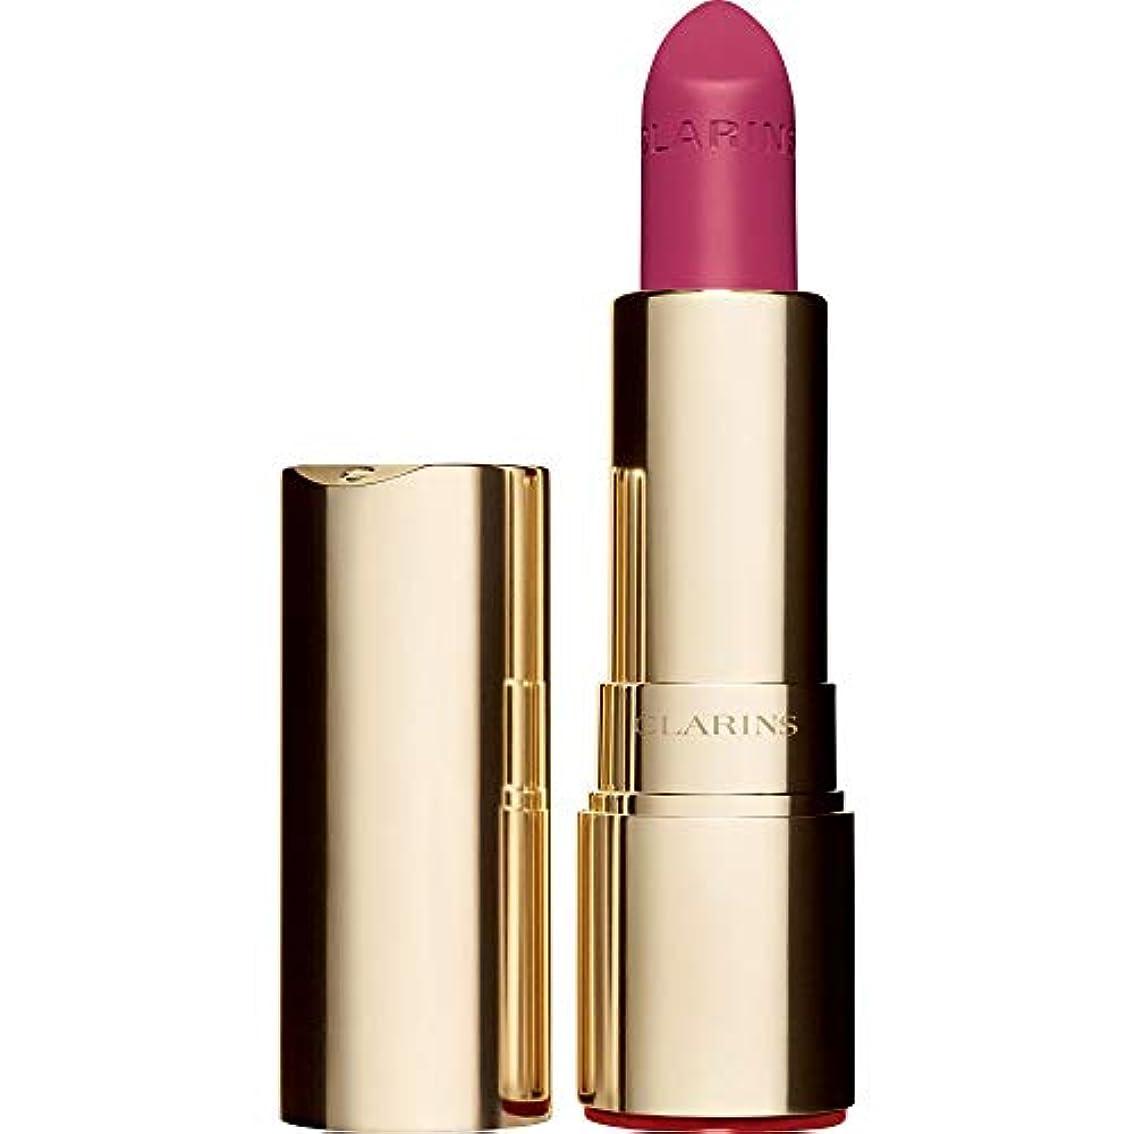 効率的排出バンケット[Clarins] クラランスジョリルージュのベルベットの口紅3.5グラムの723V - ラズベリー - Clarins Joli Rouge Velvet Lipstick 3.5g 723V - Raspberry...